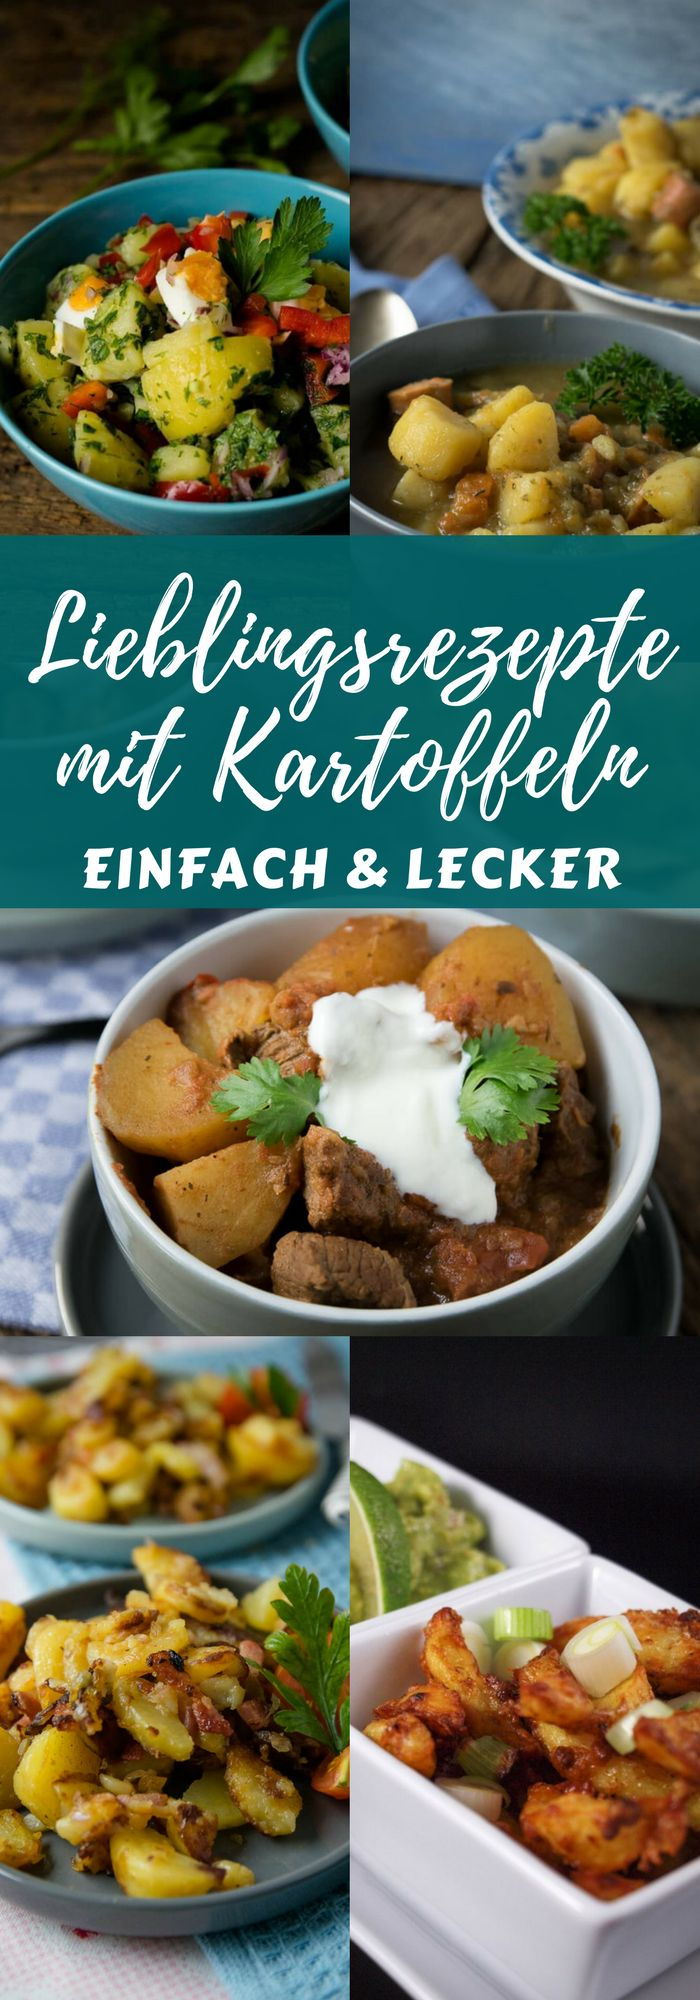 Super leckere Rezepte zum Kochen & Backen mit Kartoffeln